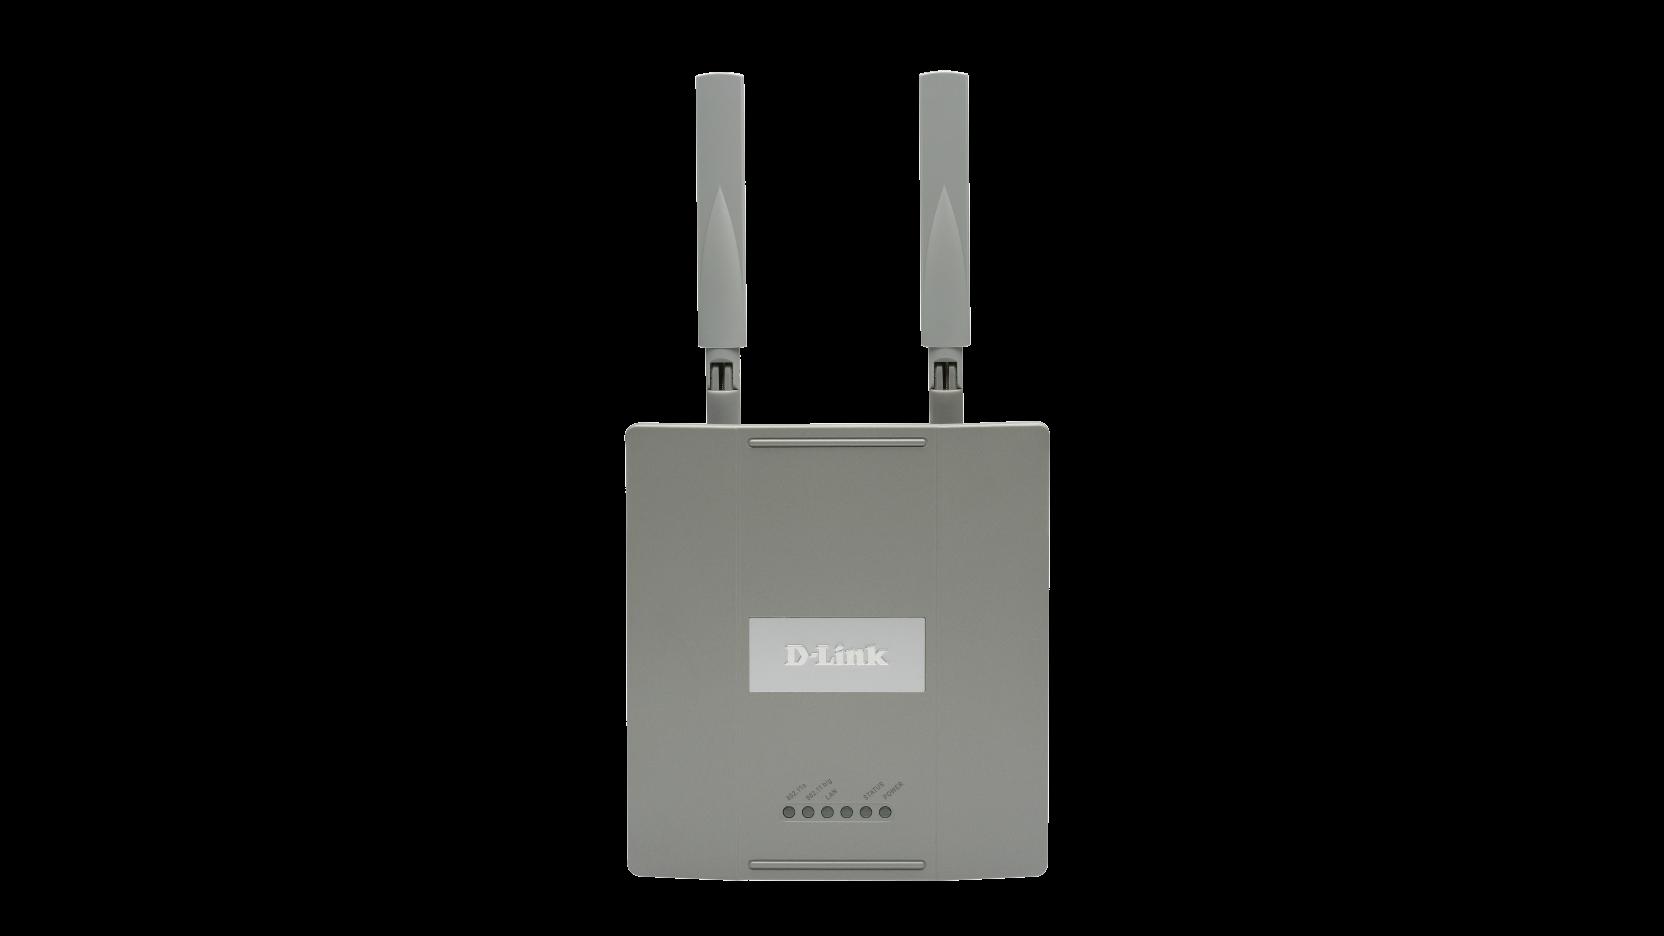 D-LINK DWL-8500AP DRIVER FOR MAC DOWNLOAD